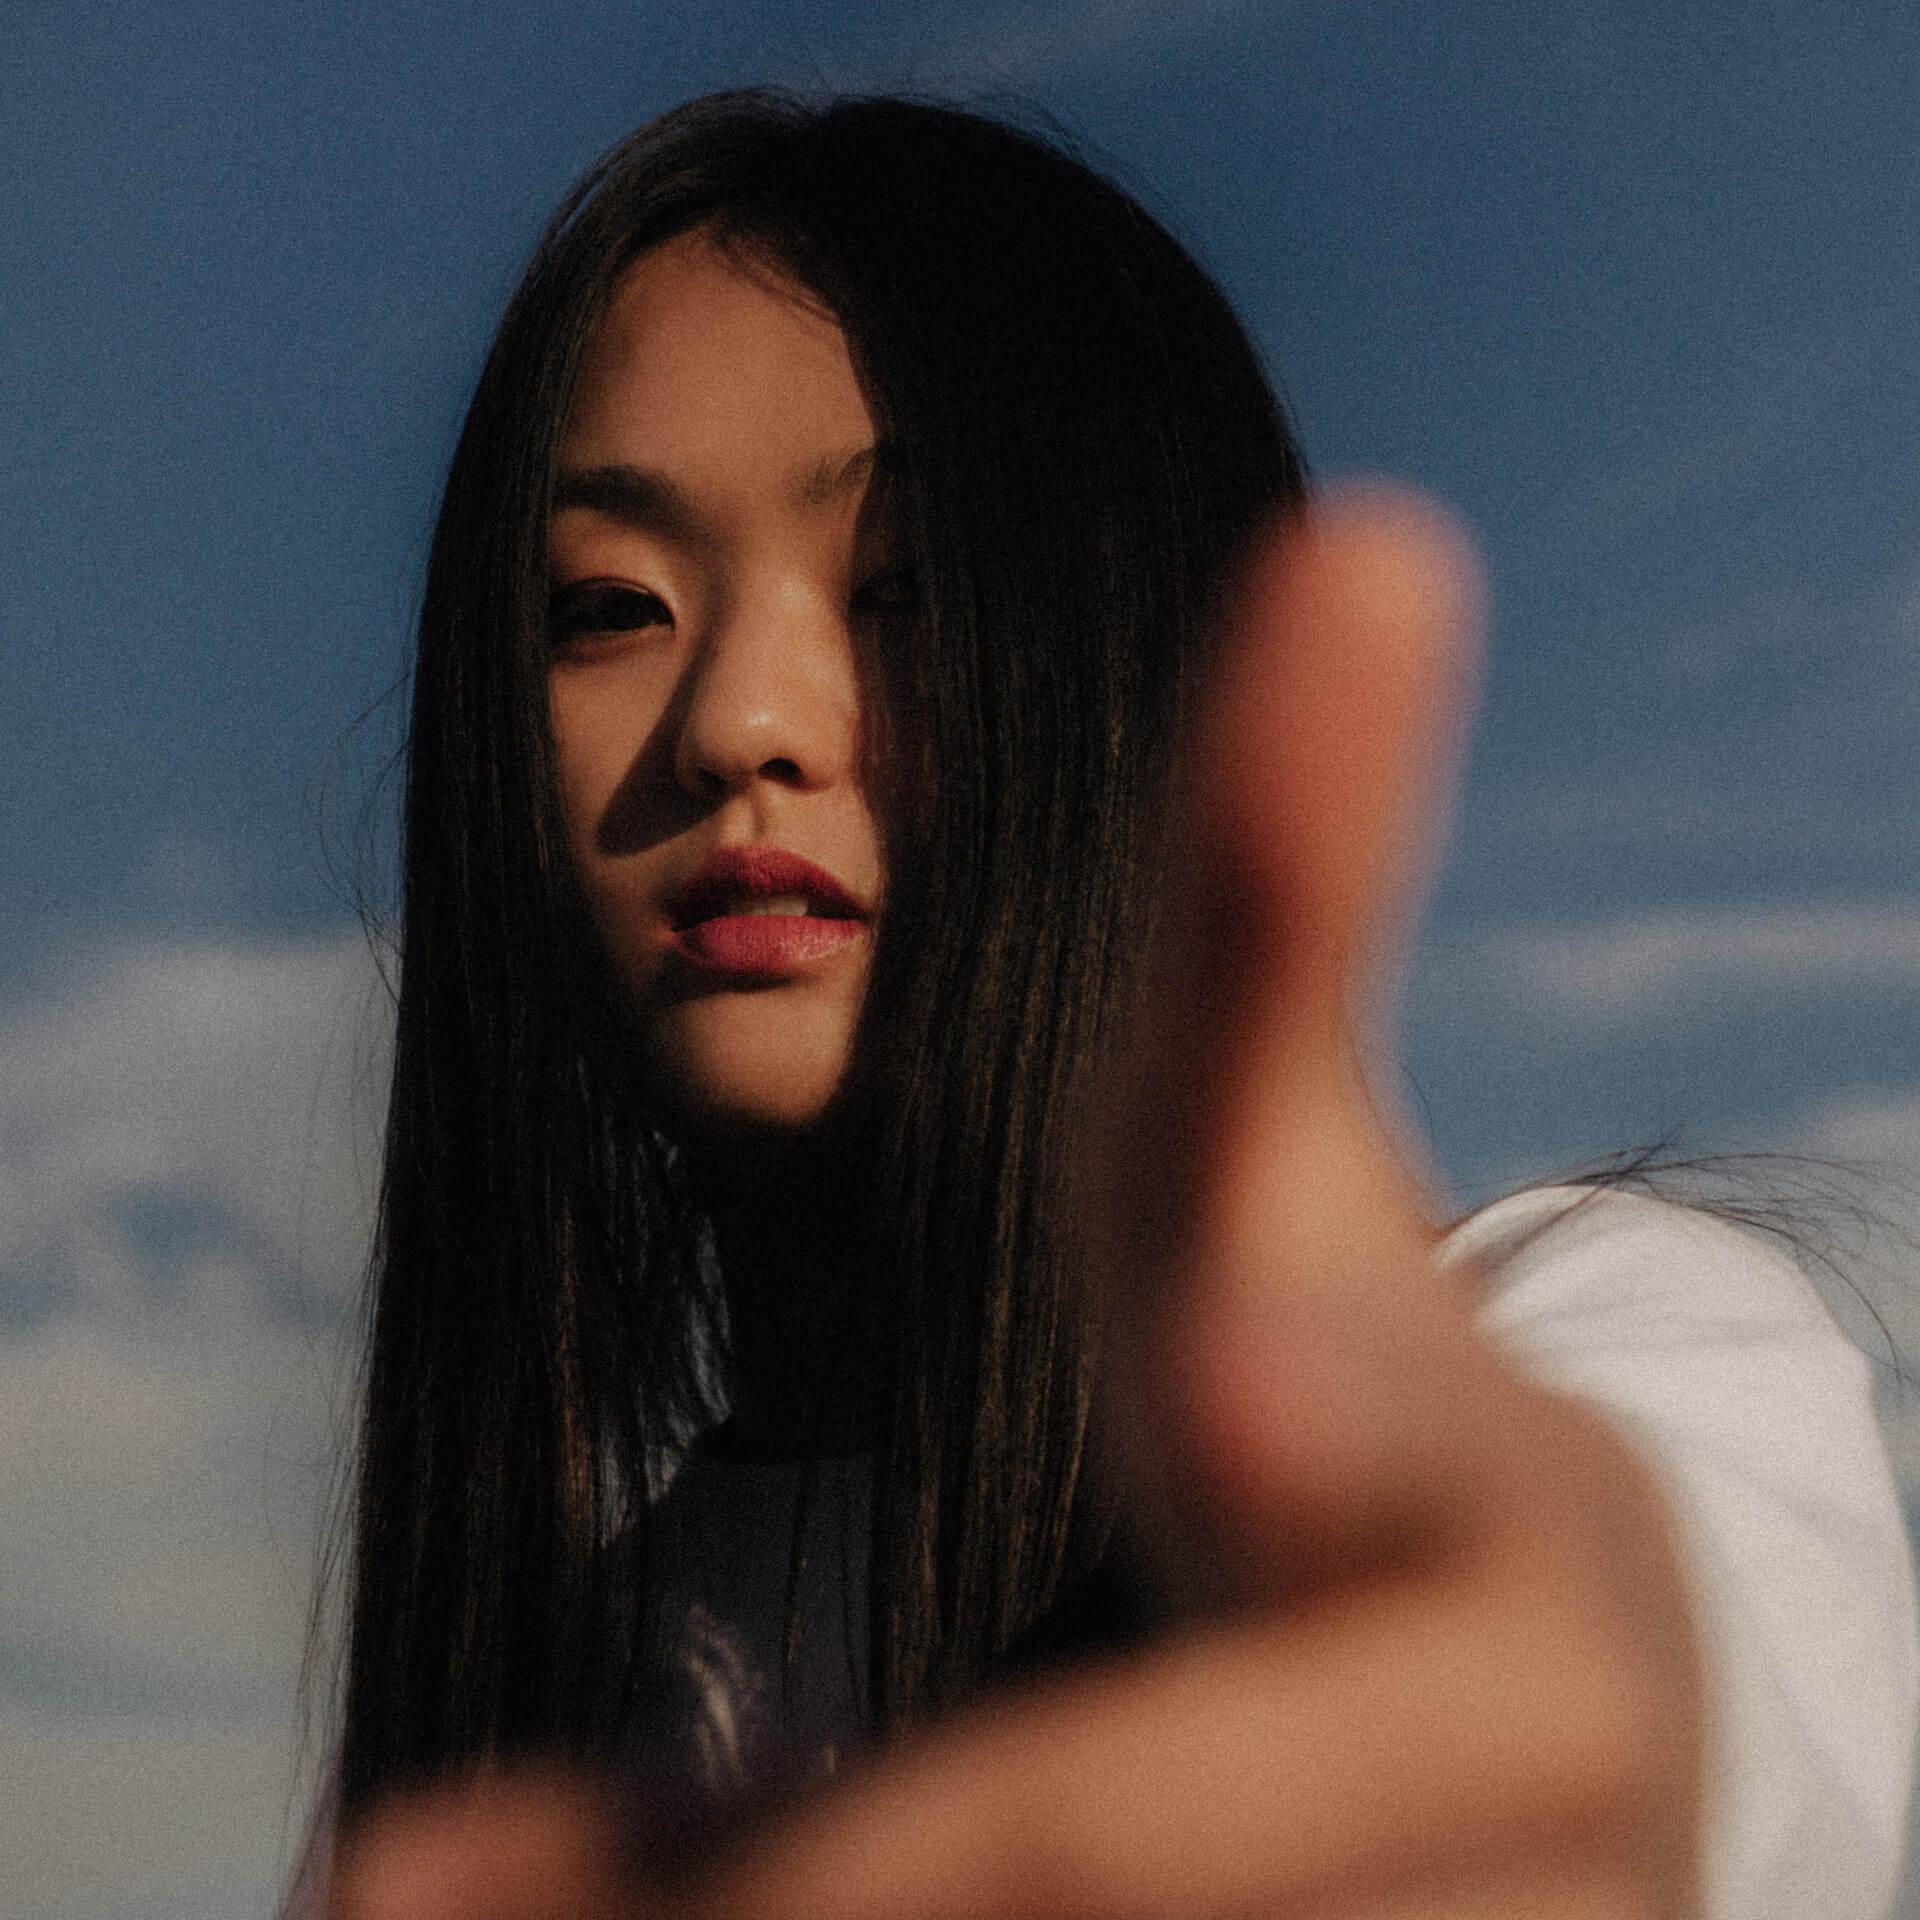 来日公演も控えるPark Hye Jinが〈Ninja Tune〉より待望のデビューアルバム『Before I Die』のリリースを発表! music210707_parkhyejin_9